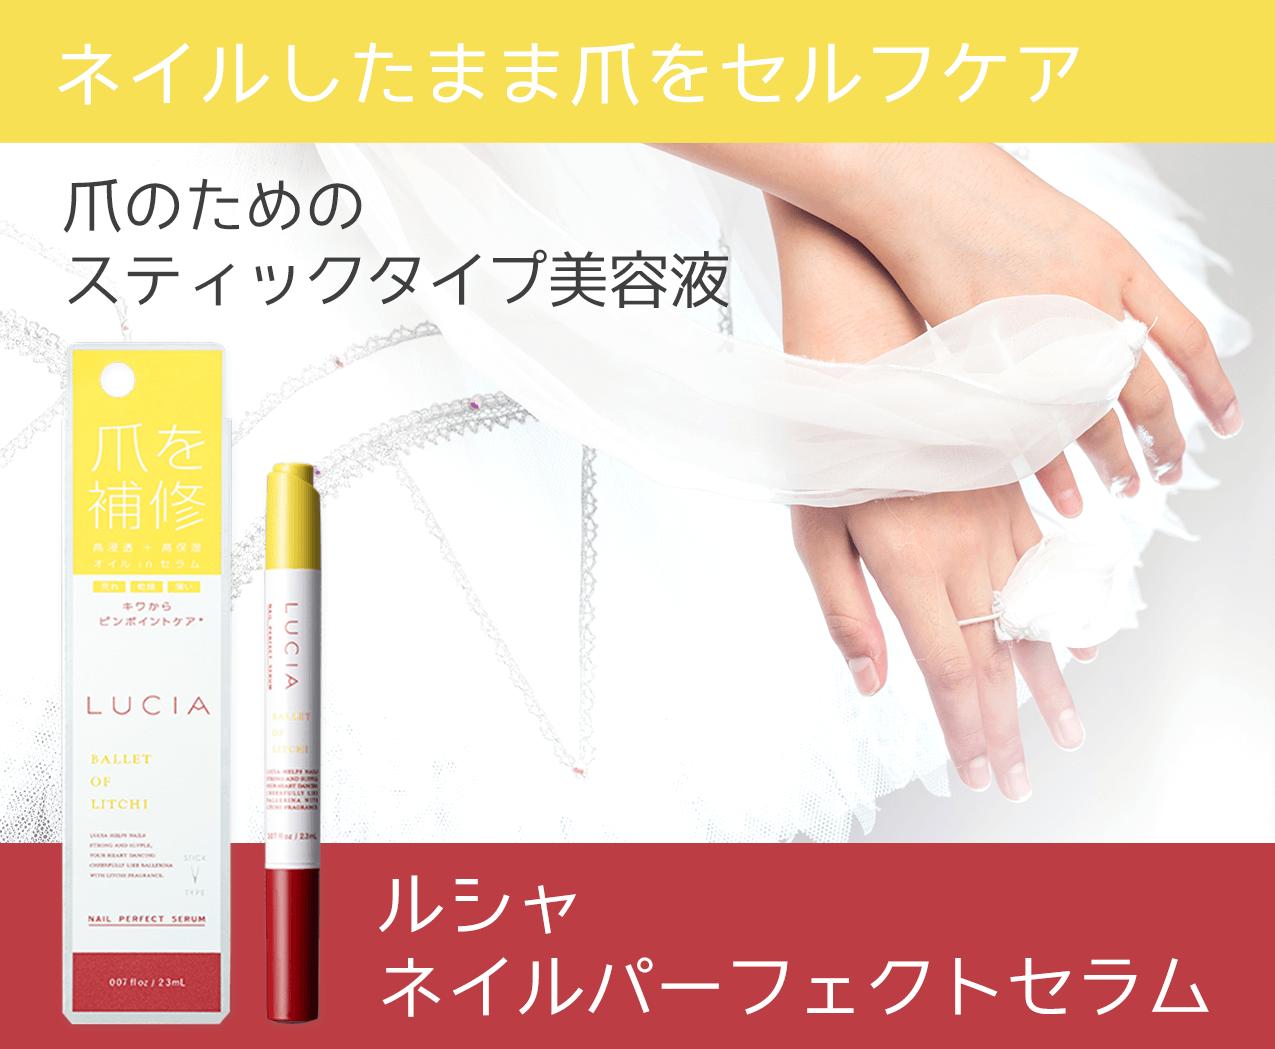 ネイルしたまま爪をセルフケア 爪のための スティックタイプ美容液  「ルシャ  ネイルパーフェクトセラム」